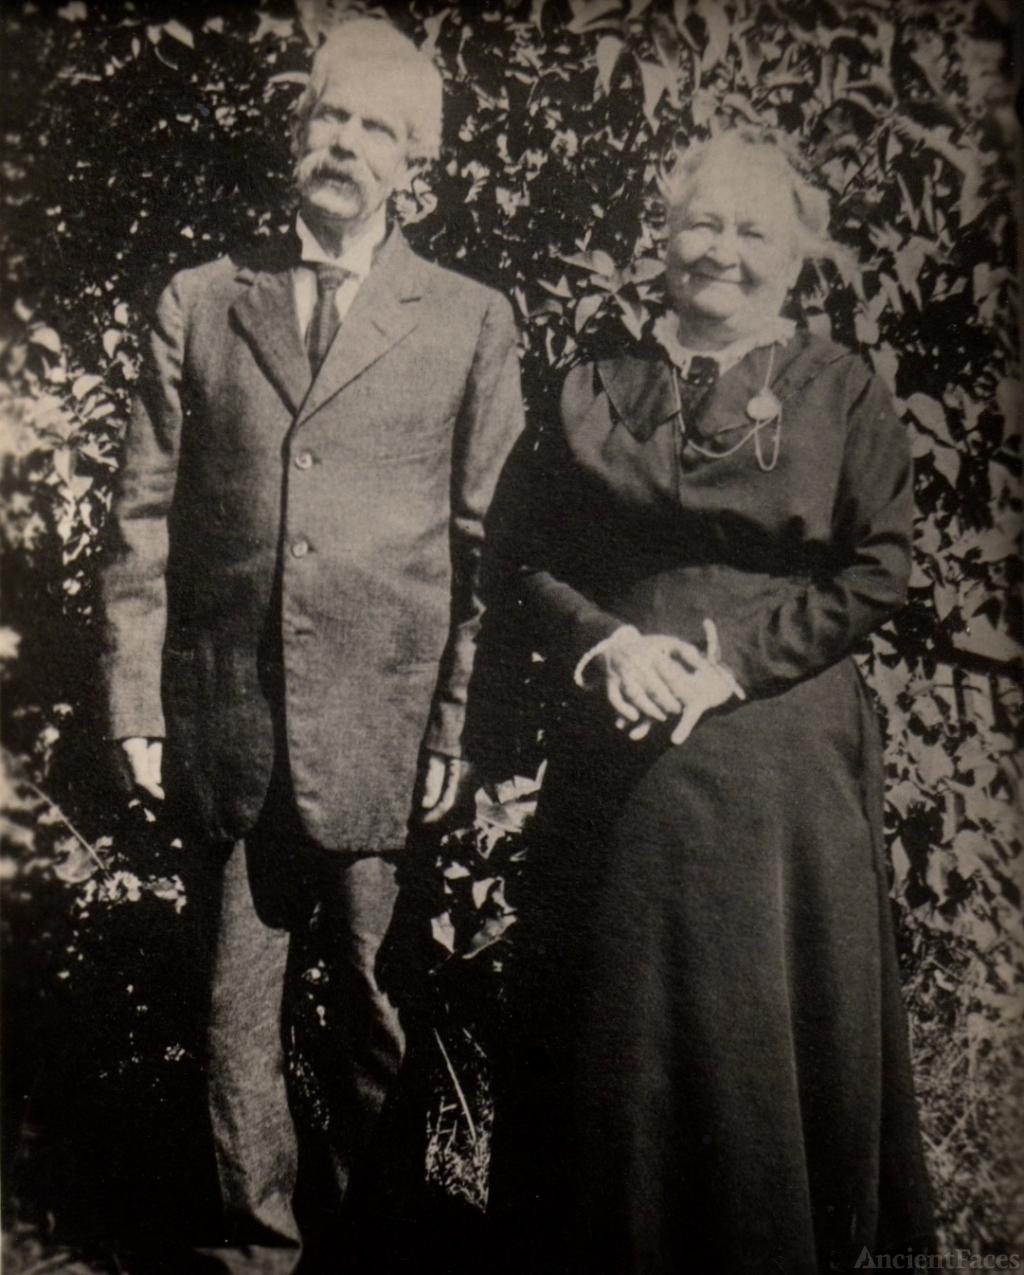 James and Jemima McKenzie, Rhode Island